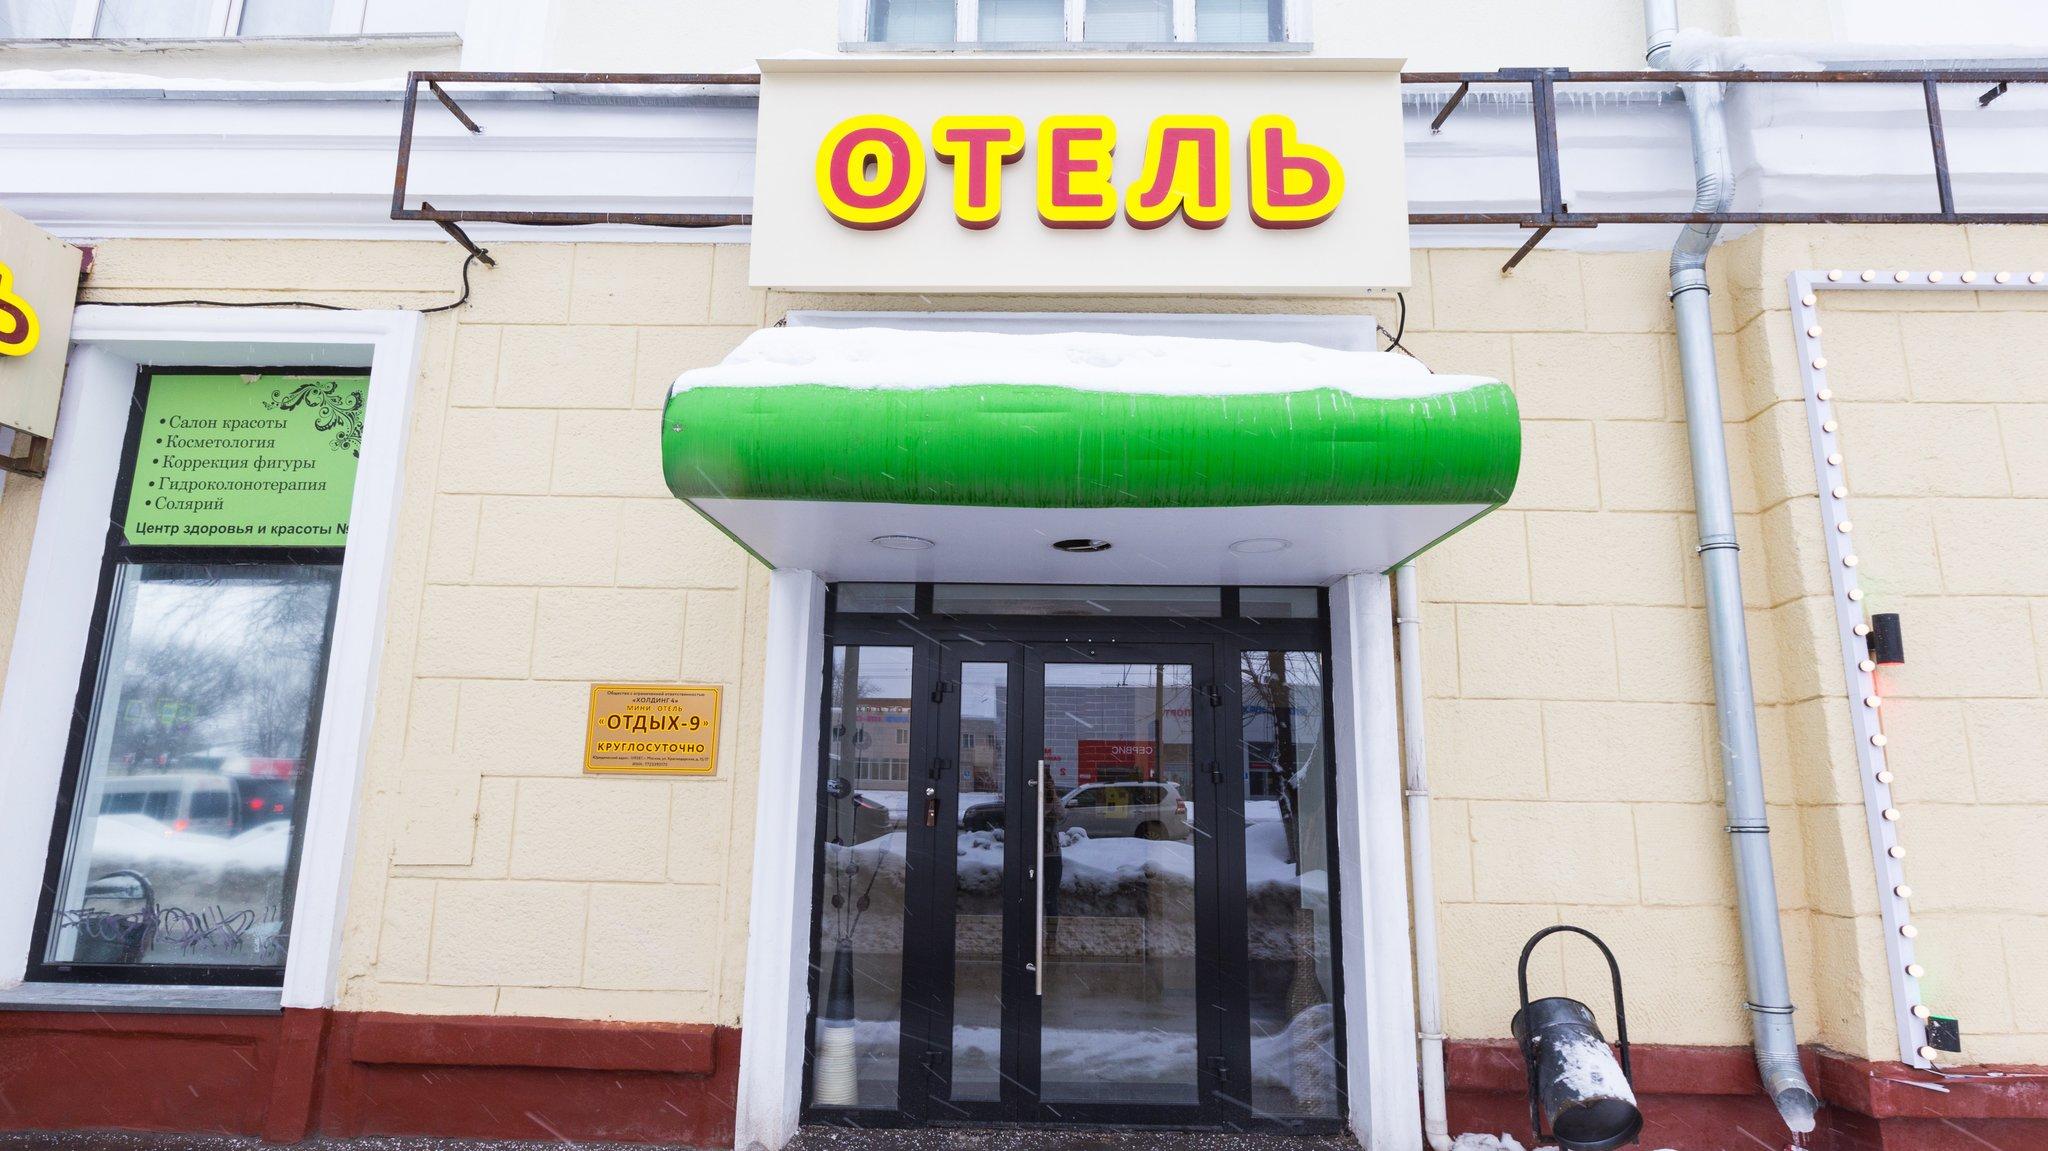 кто знает сайт дорогими праститутками в москве